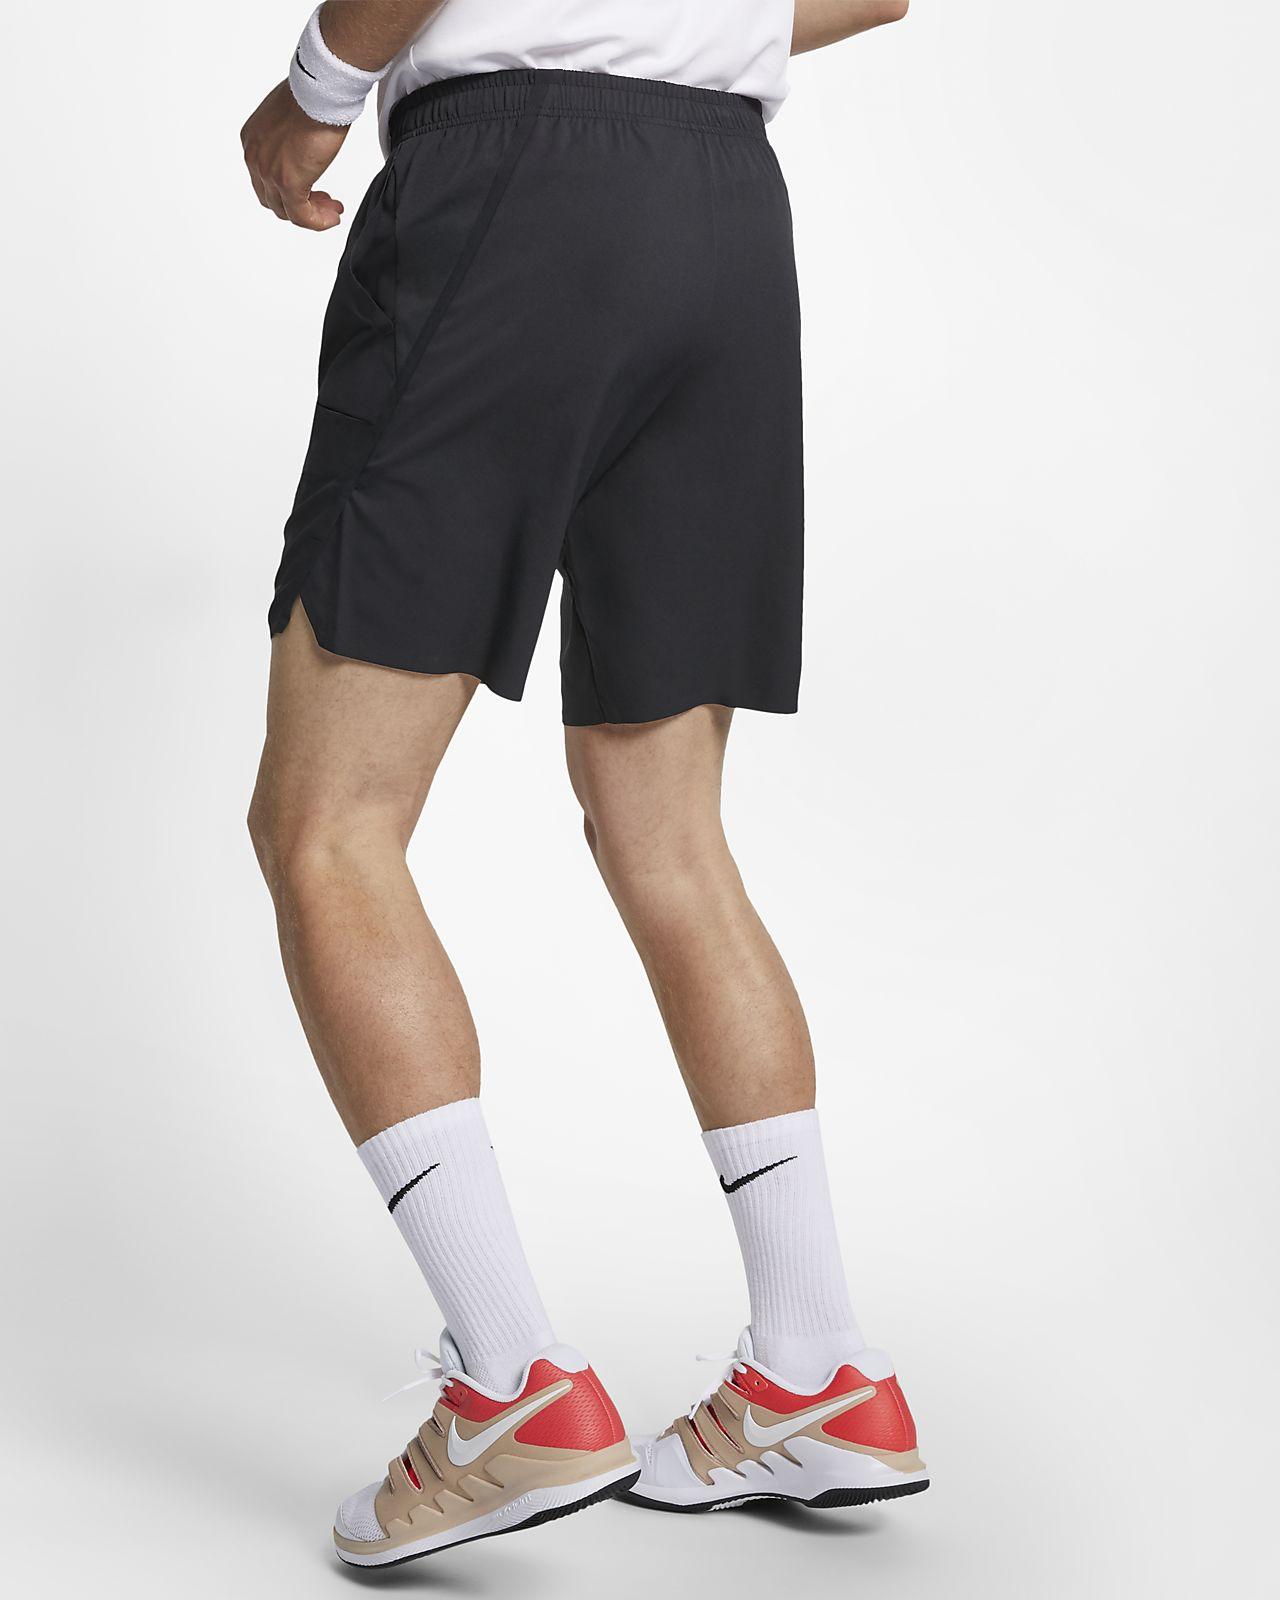 ab773098fb741 NikeCourt Flex Ace Men s 9